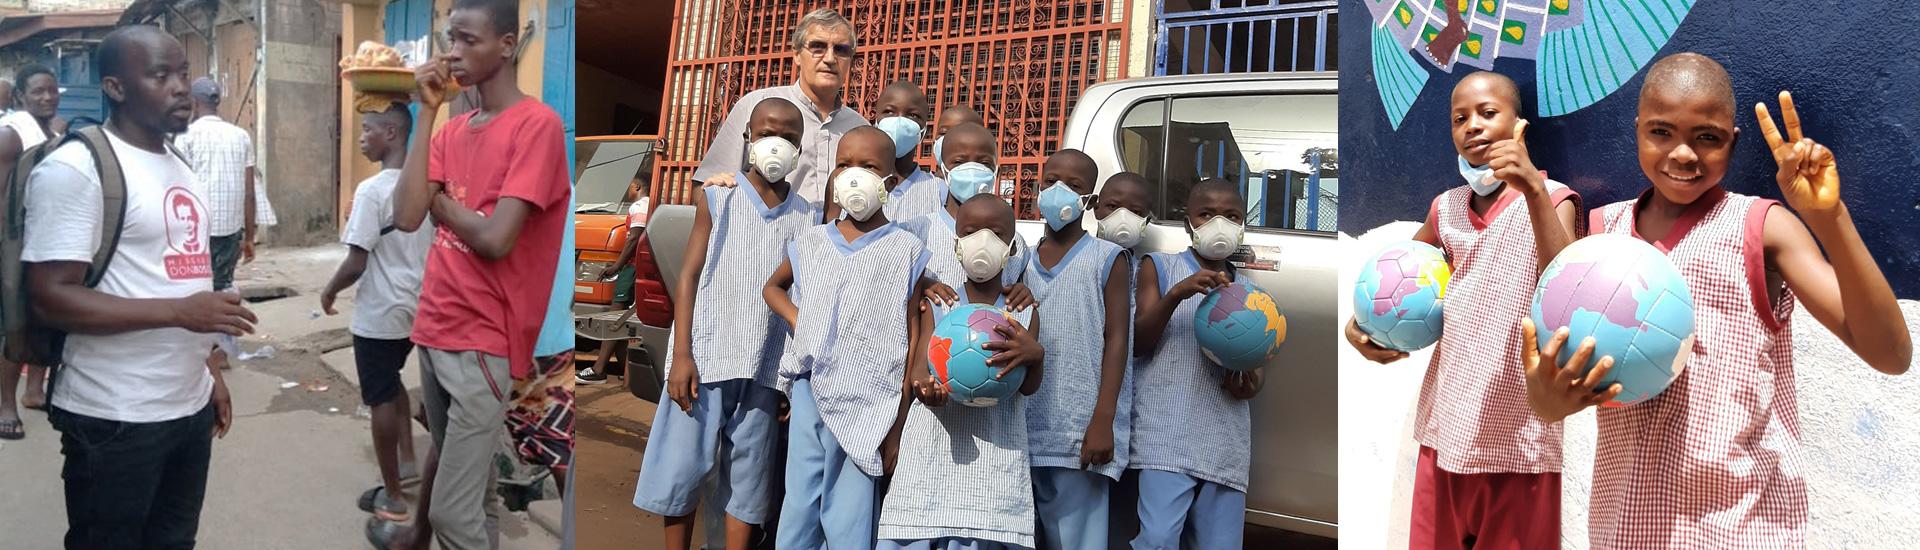 Don Bosco Fambul recurre a su experiencia durante la epidemia de ébola para hacer frente al coronavirus en Sierra Leona